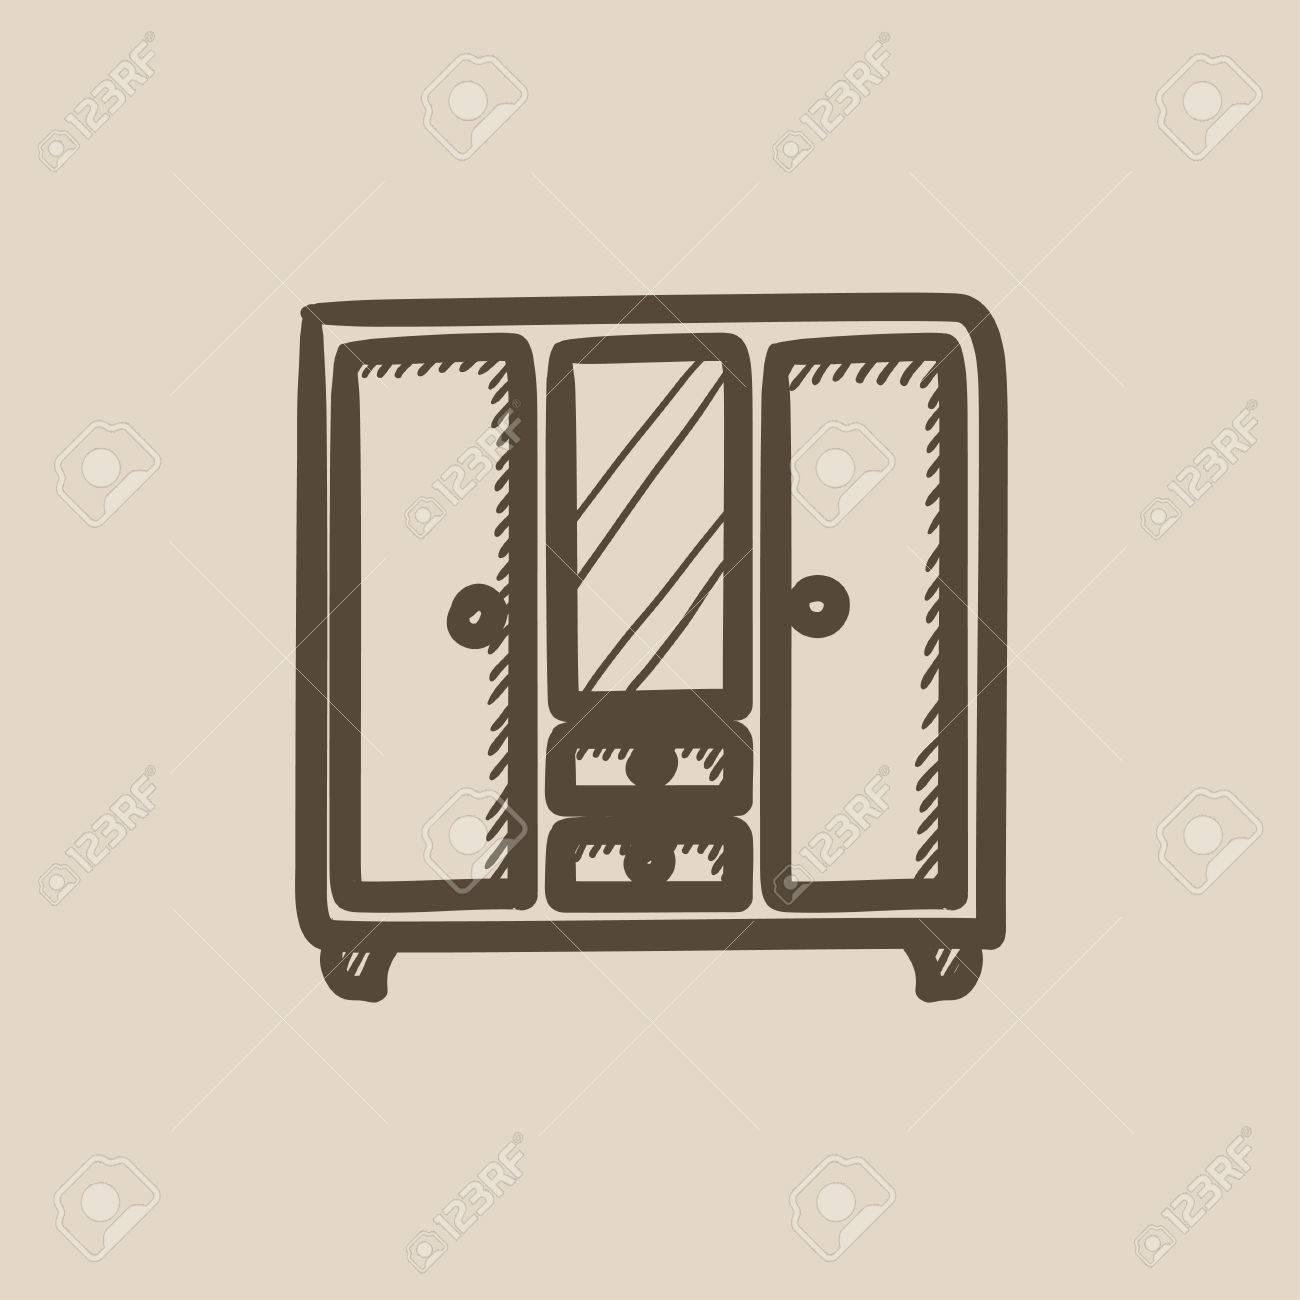 Kleiderschrank gezeichnet  Kleiderschrank Mit Spiegel Vektor Skizze Symbol Isoliert Auf Den ...